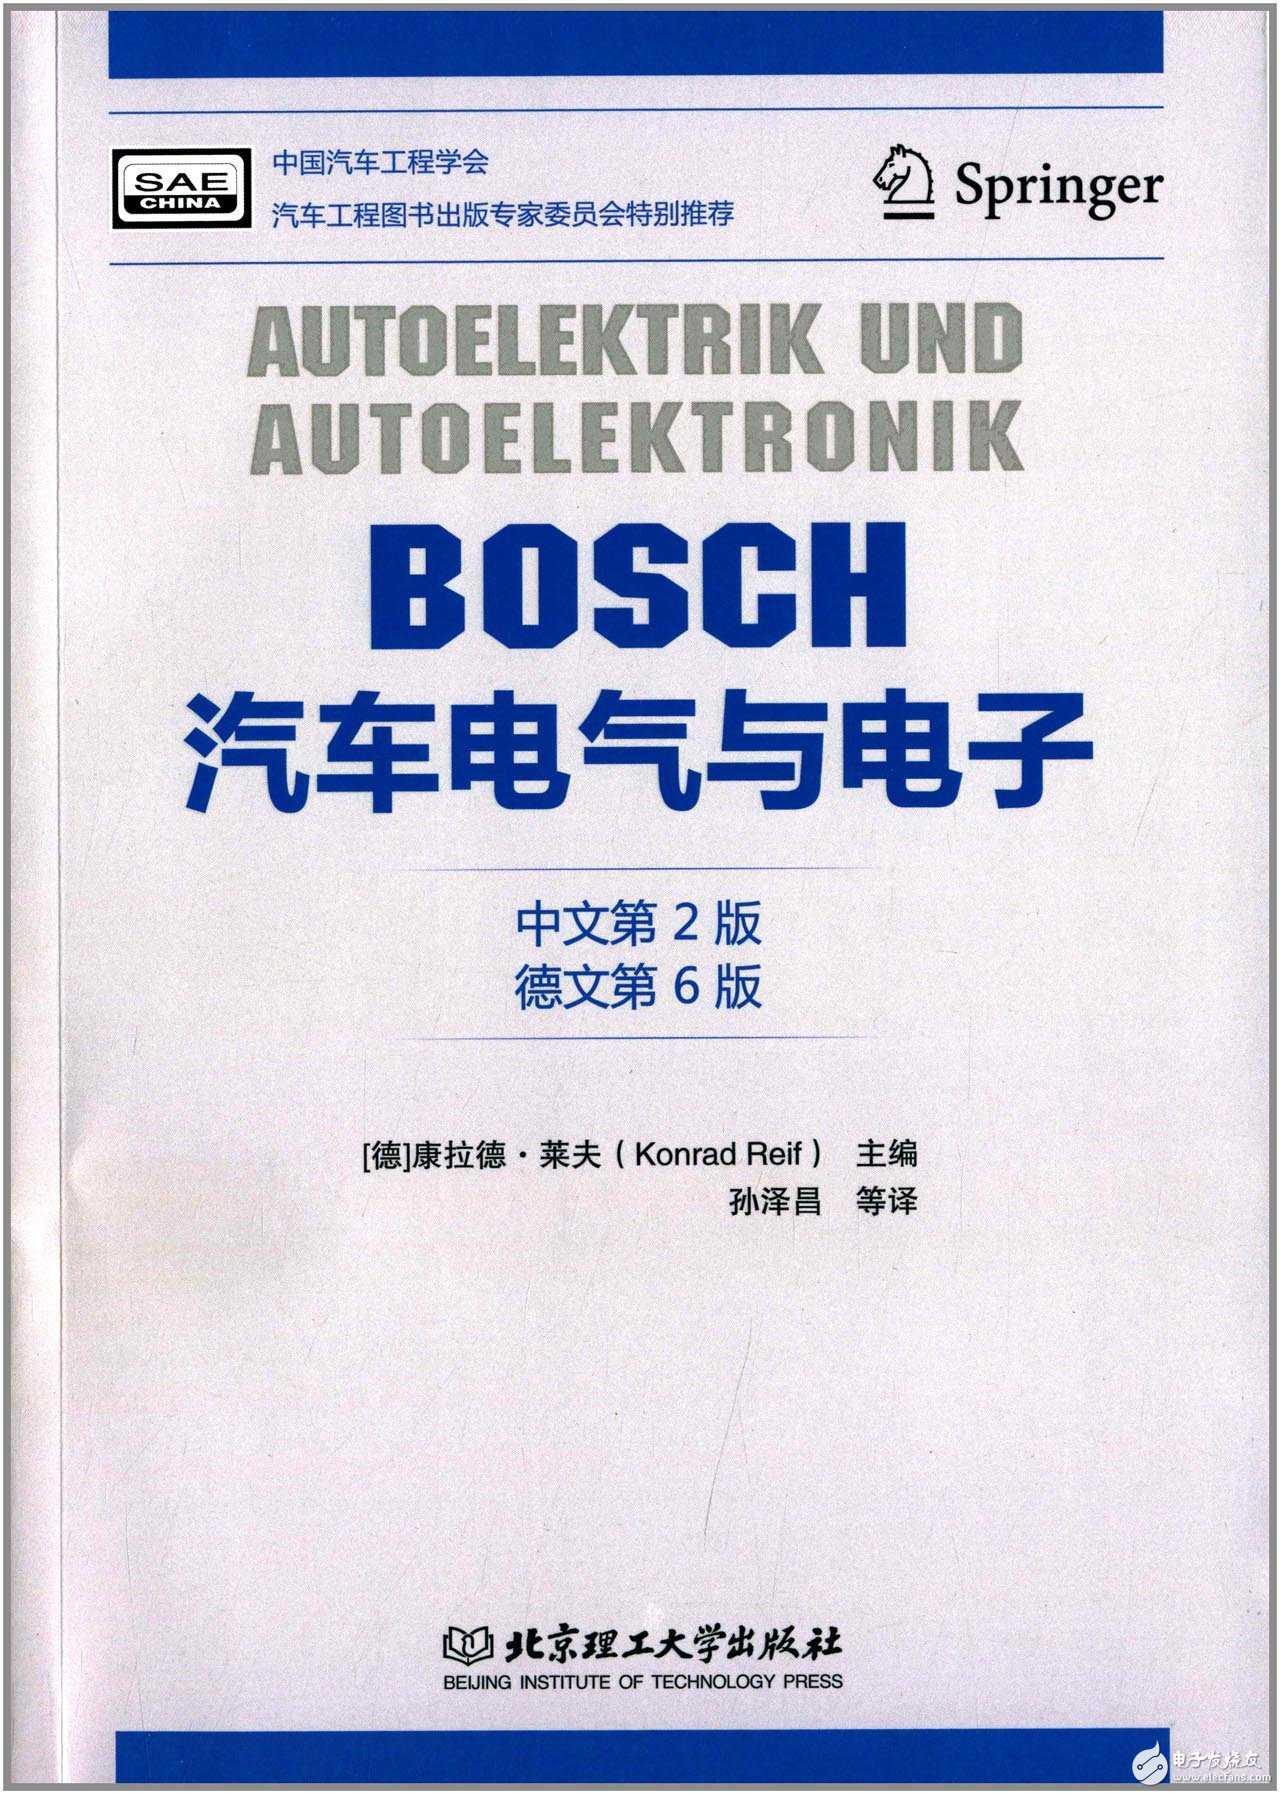 【下载】《BOSCH汽车电气与电子(德文第6版)》——BMW工程师教你学汽车电子